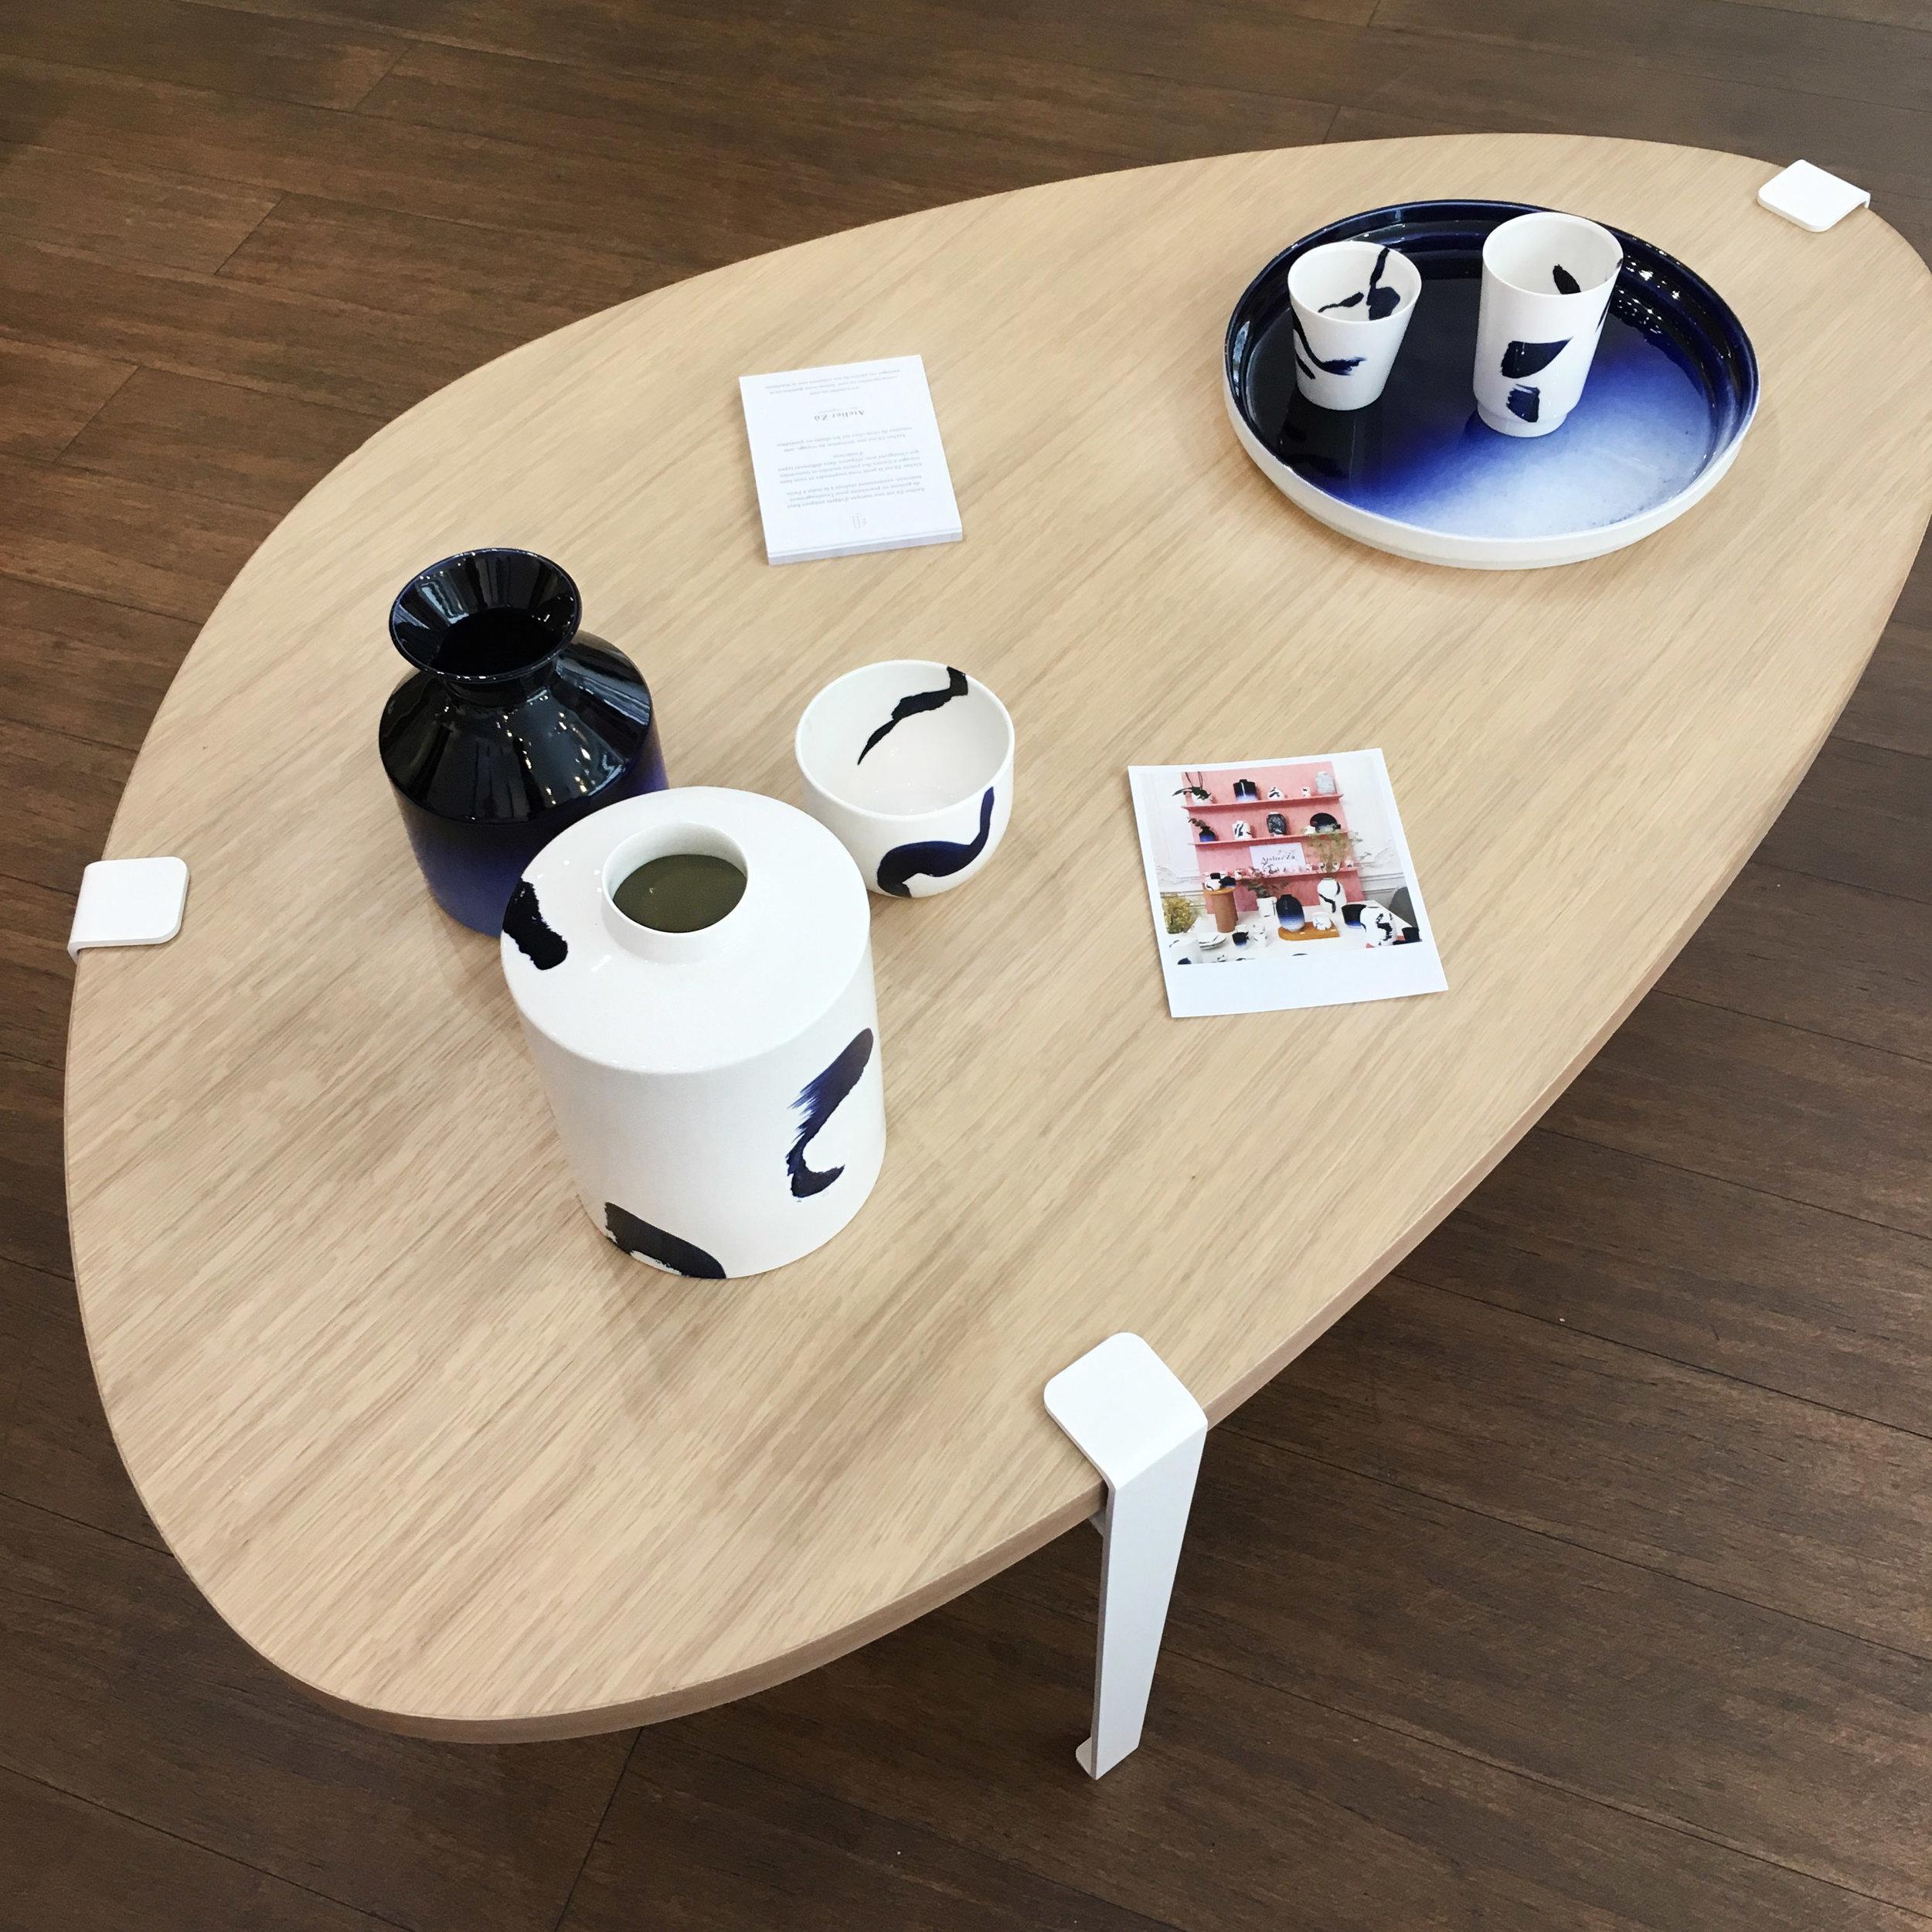 Tasses à café & vase droit -  Atelier Zû